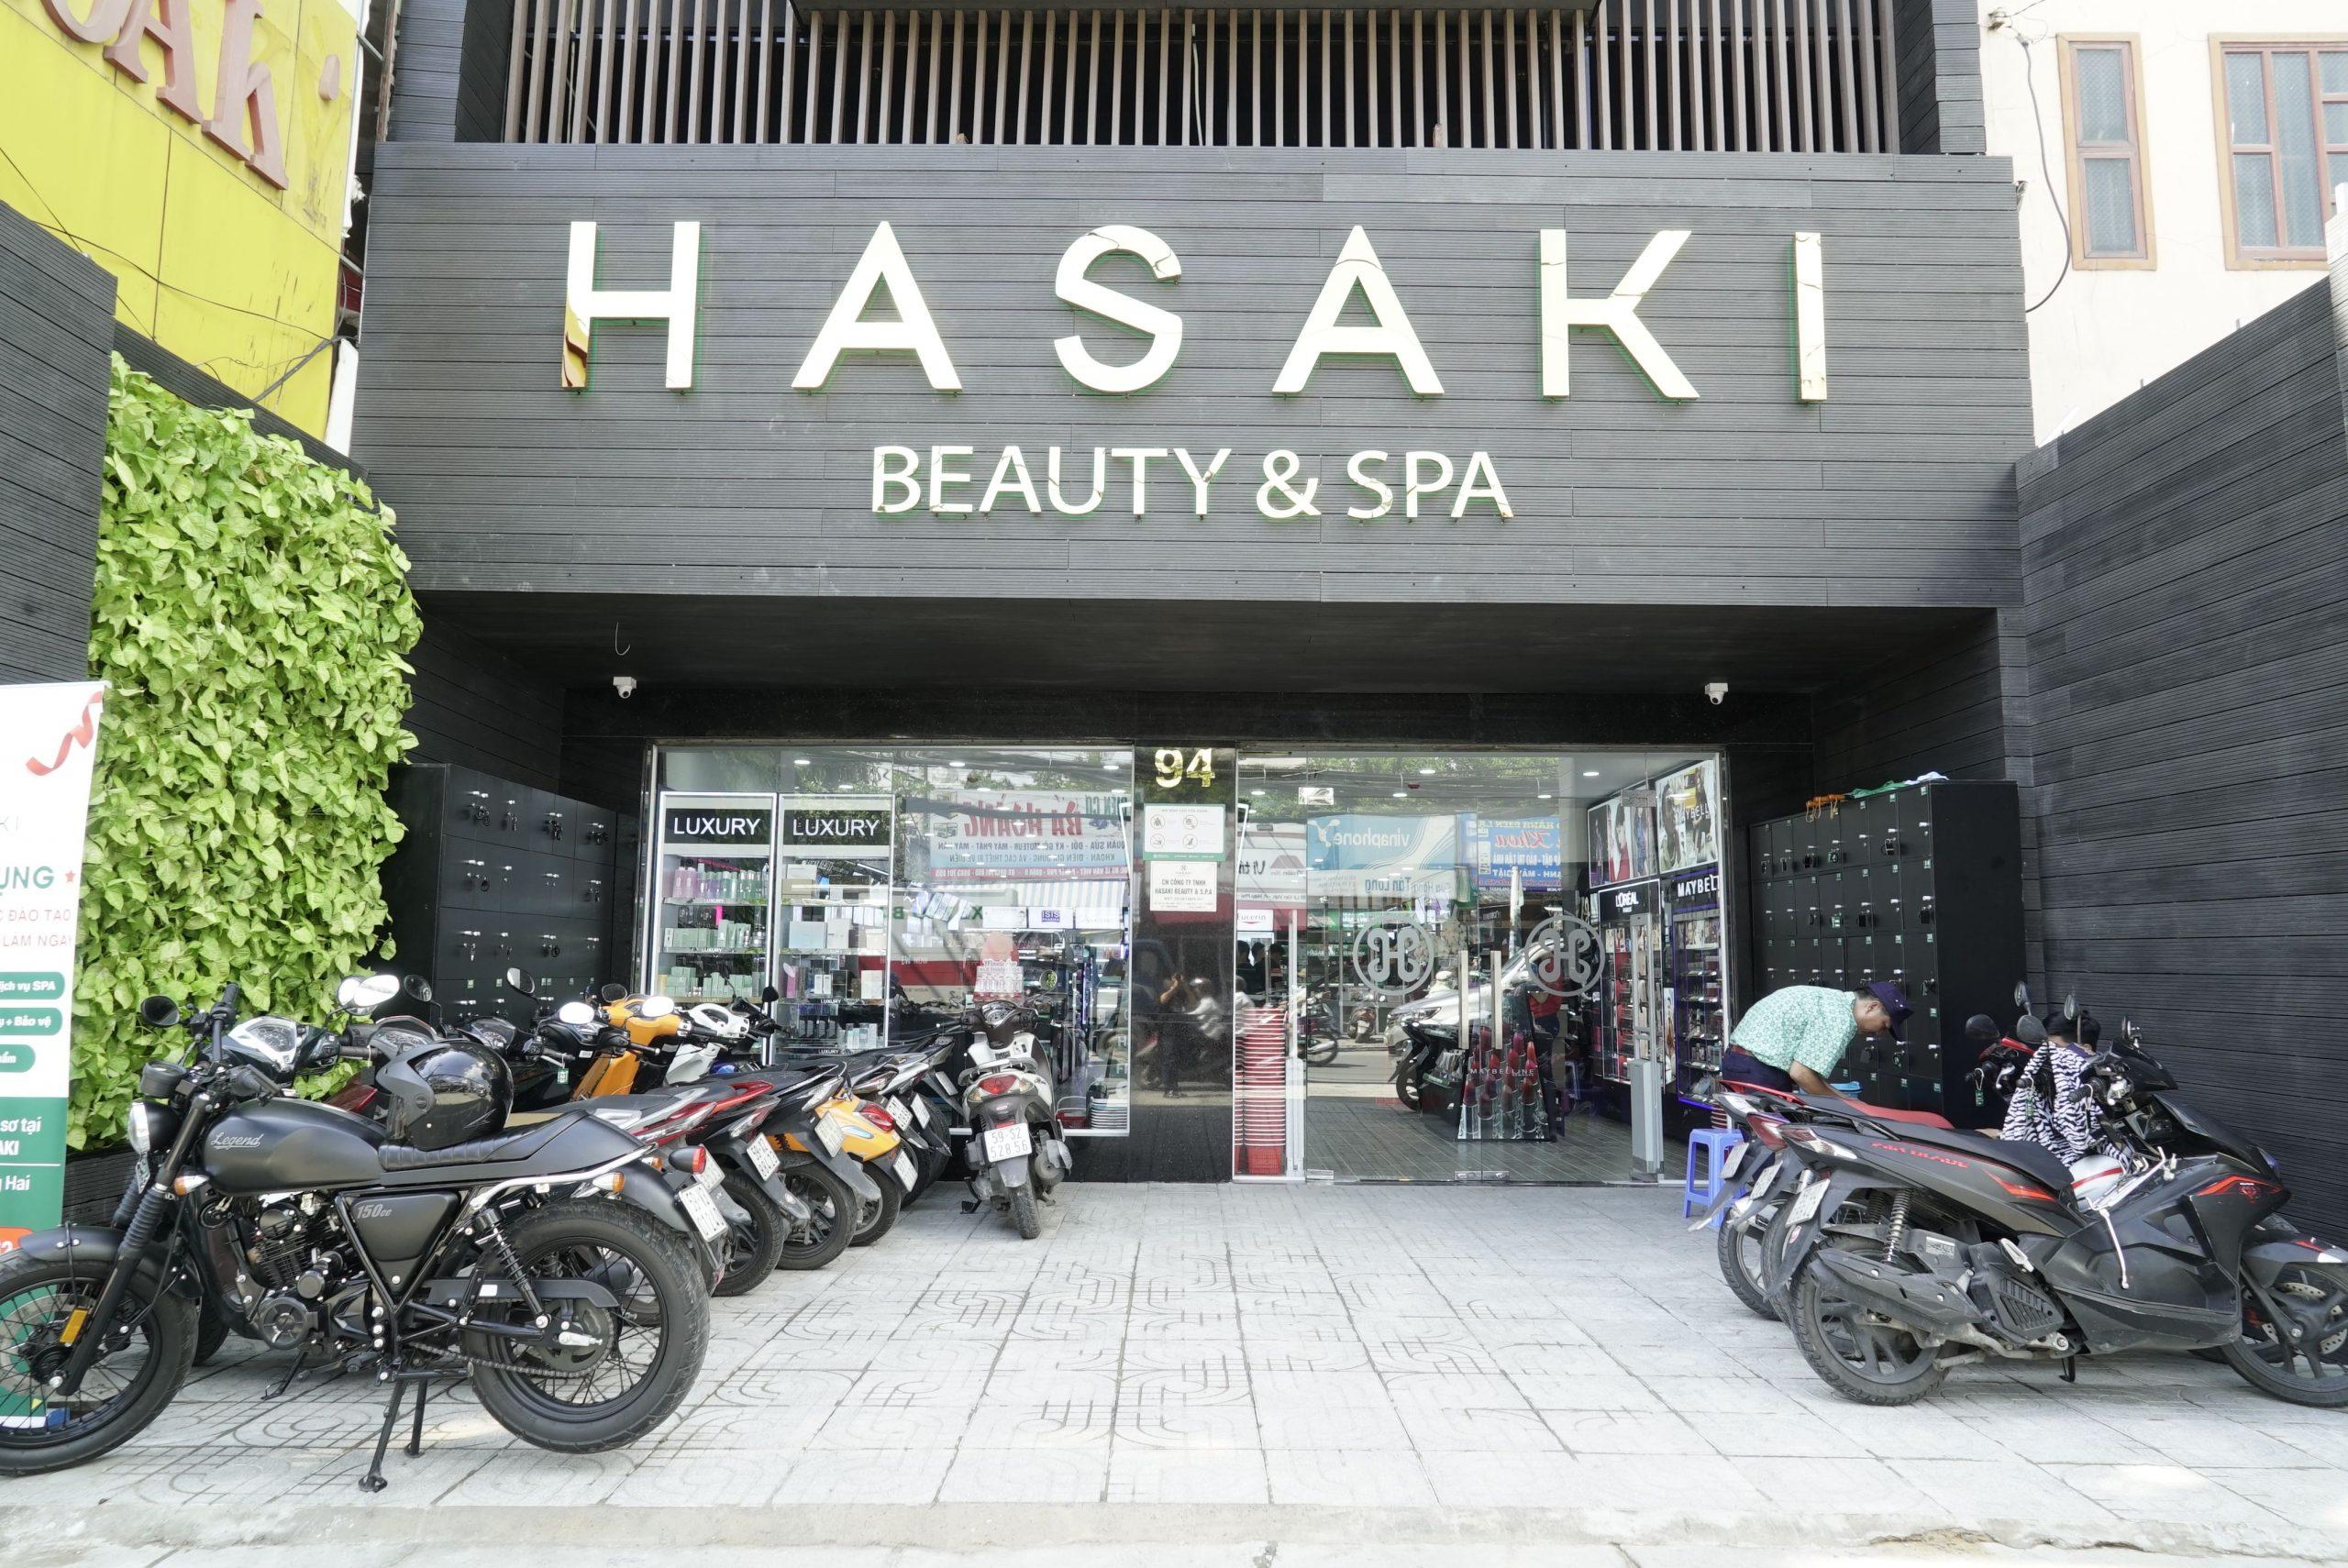 Giới thiệu về thương hiệu Hasaki